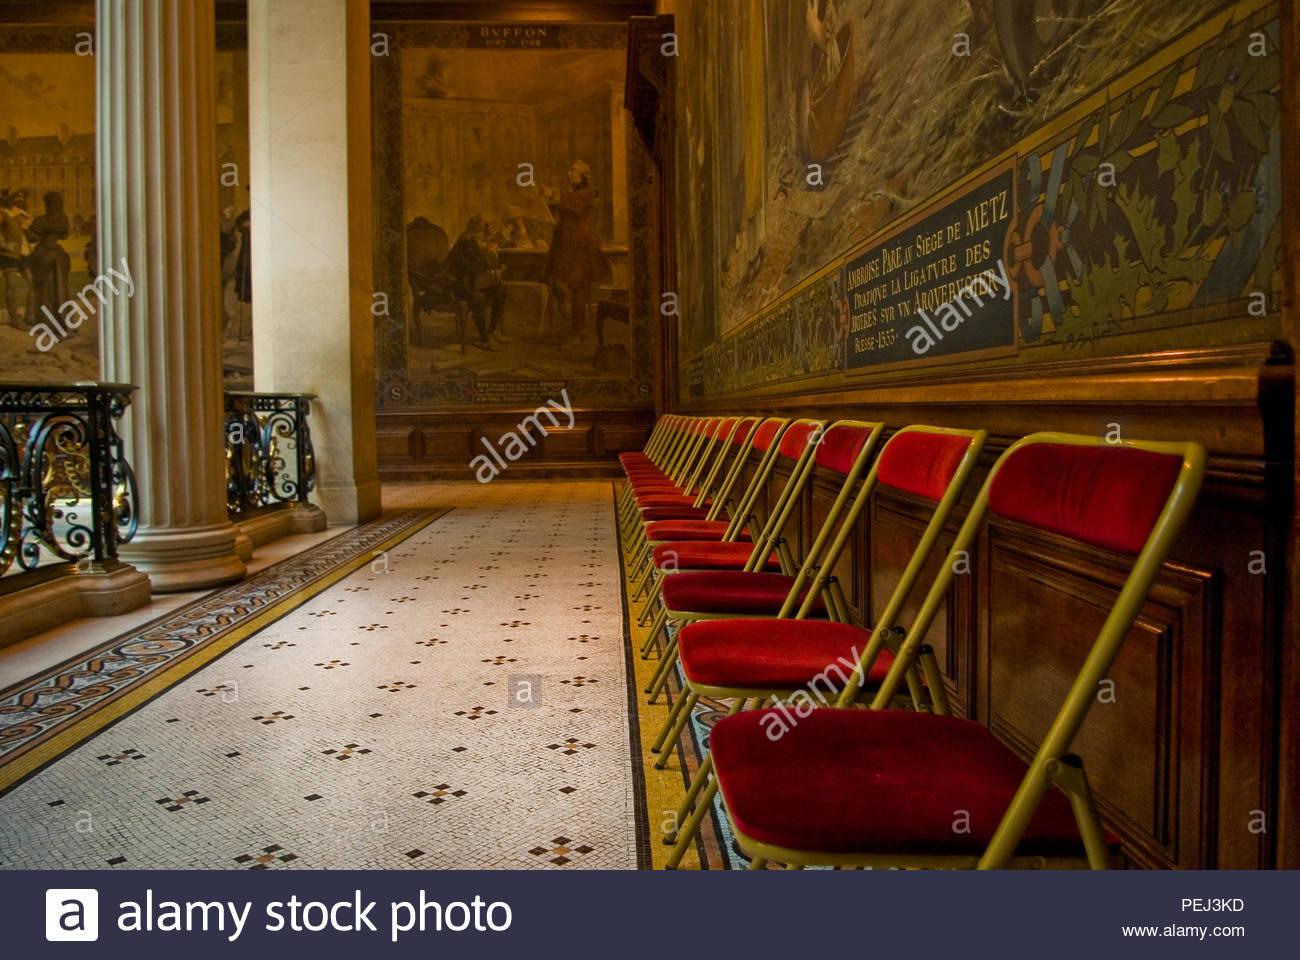 VISITORS CHAIRS, LA SORBONNE, PARIS - Stock Image